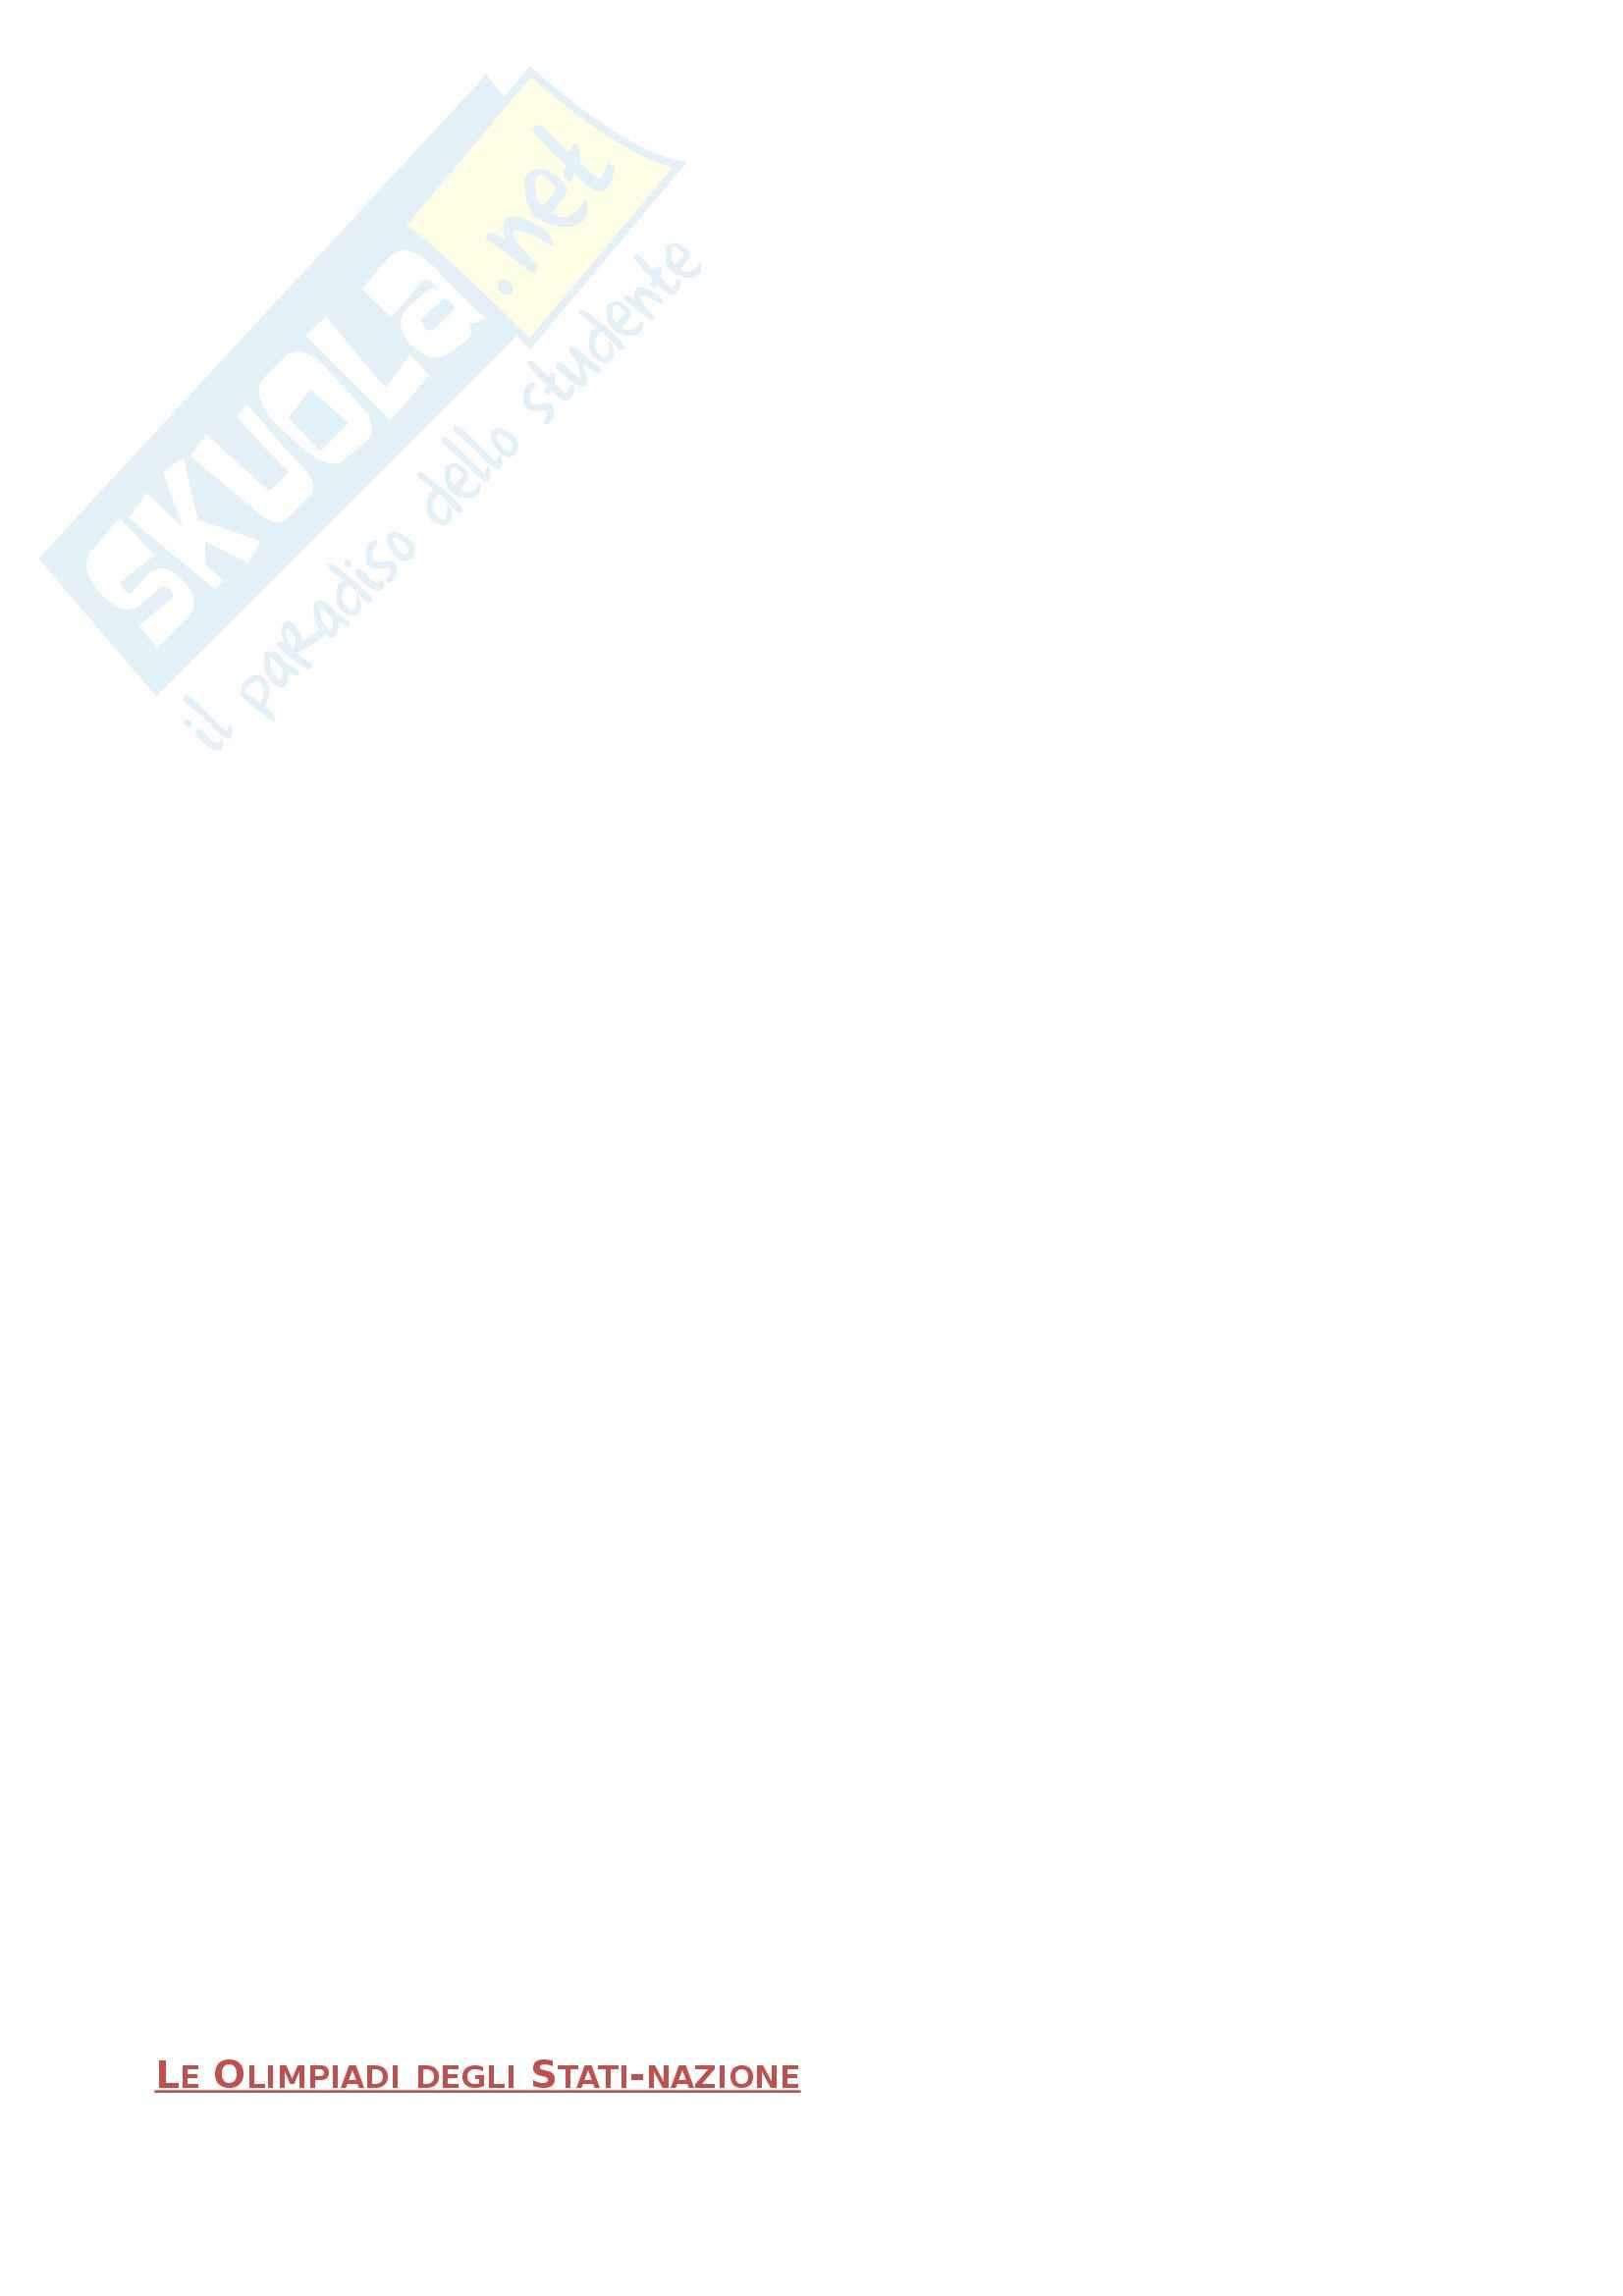 Riassunto esame Storia contemporanea, prof. Brizzi, libro consigliato Giochi di potere - Olimpiadi e politica da Atene a Londra, Sbetti